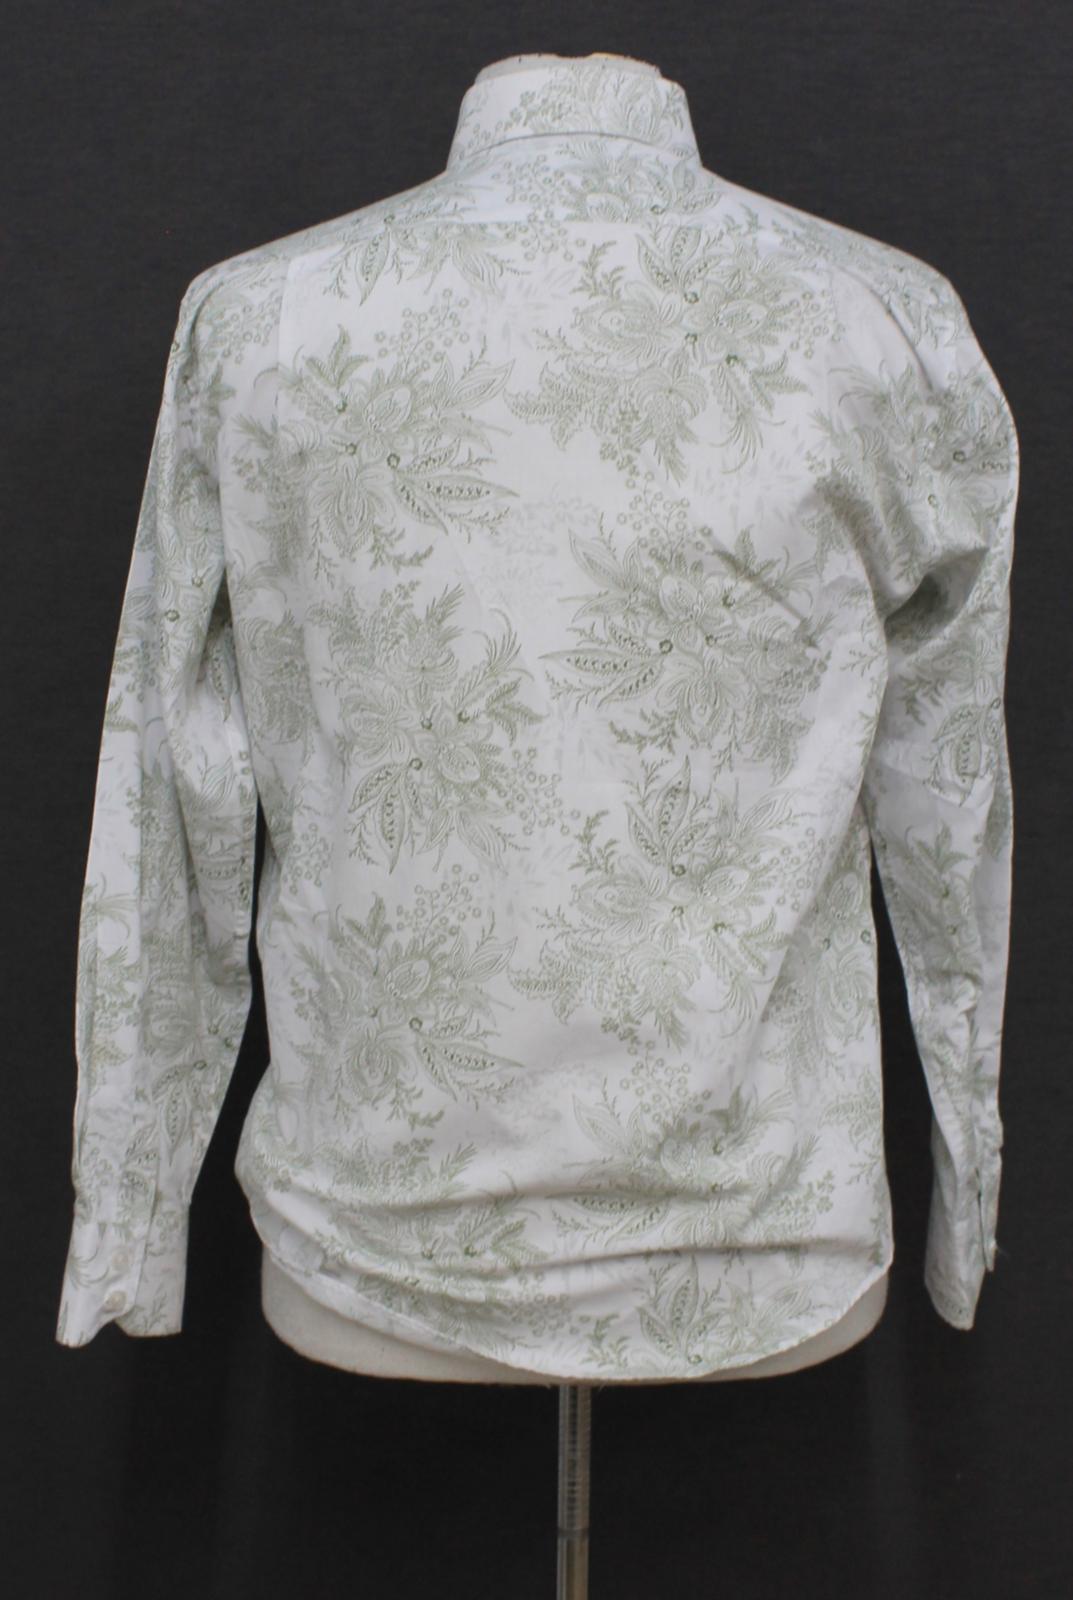 Paul-Smith-Para-Hombre-Blanco-Algodon-Con-Patron-Floral-Con-Cuello-Informal-Camisa-Talla-M miniatura 4